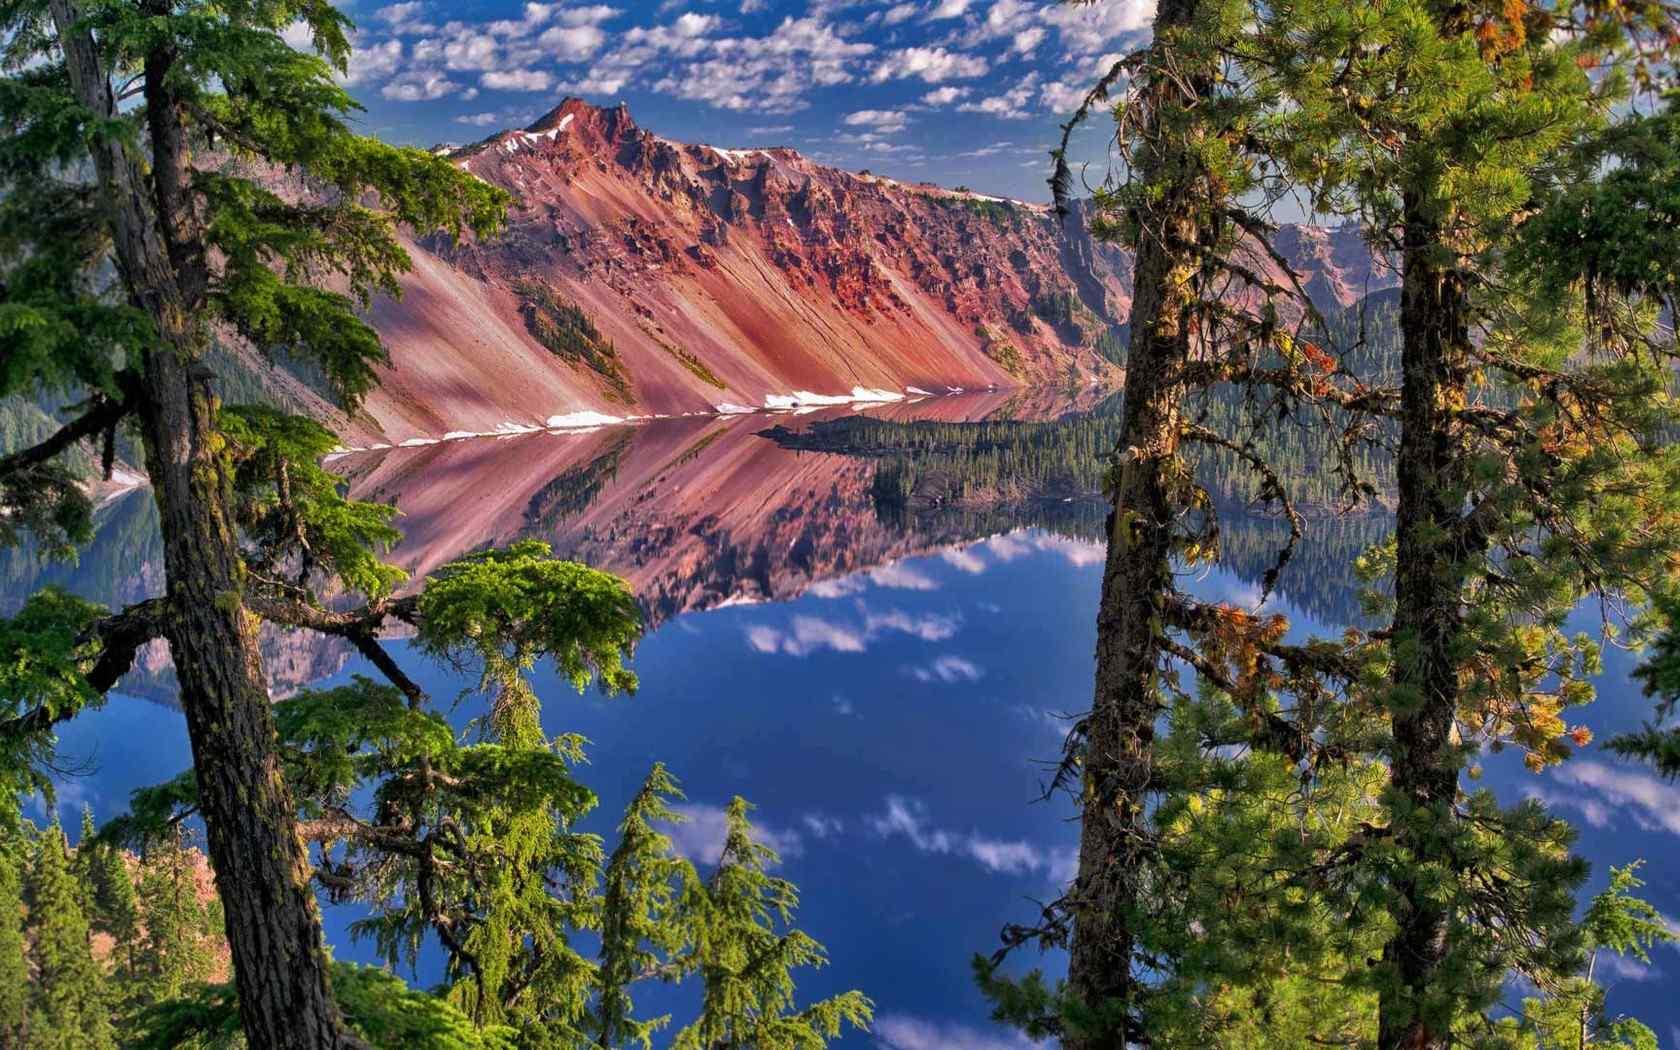 绿色山水风景唯美图片高清桌面壁纸